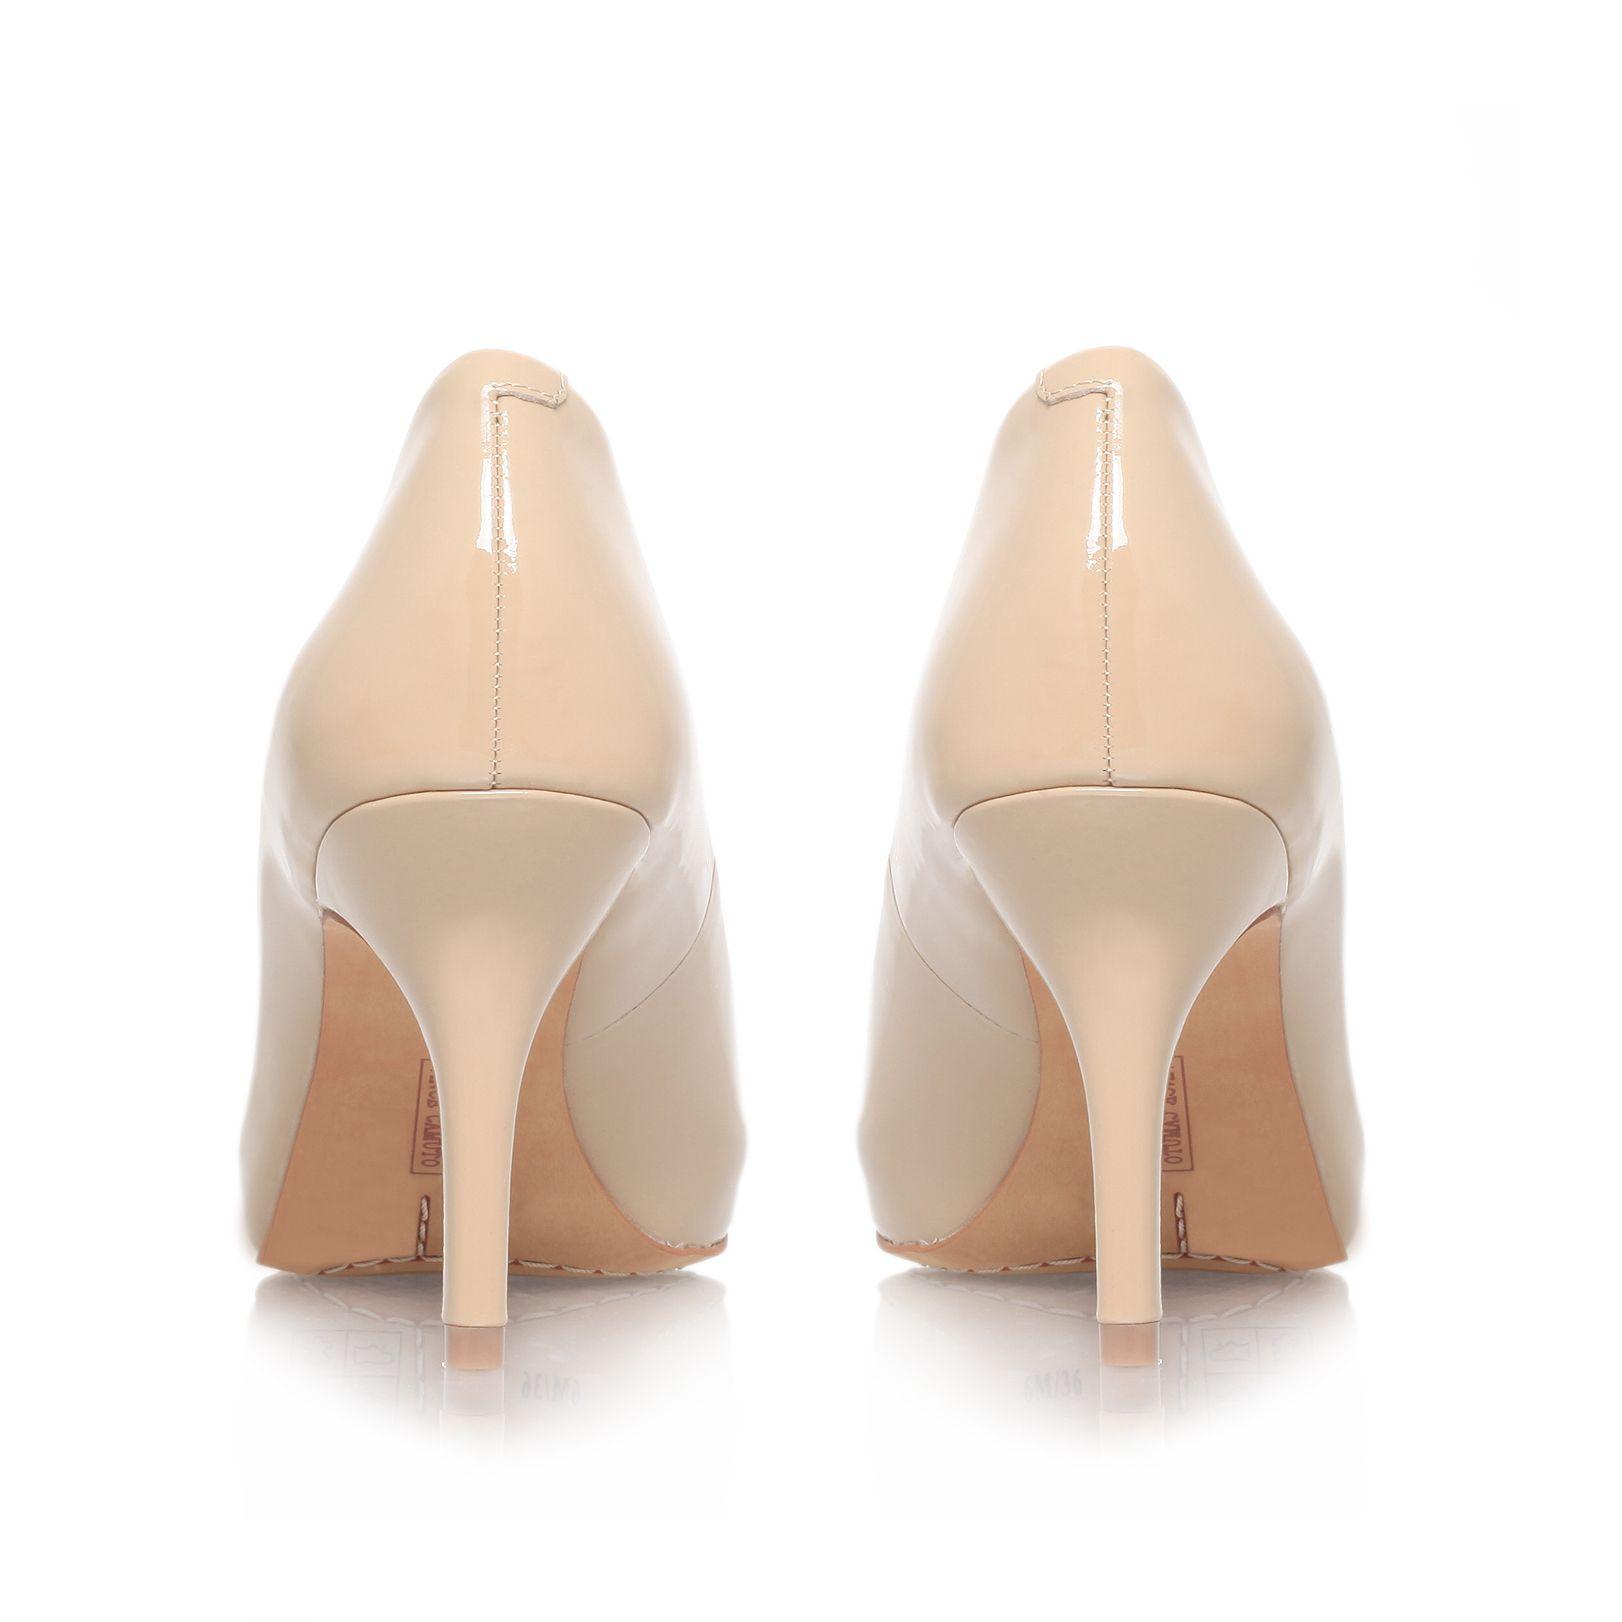 Nude Peep Toe Mid Heels